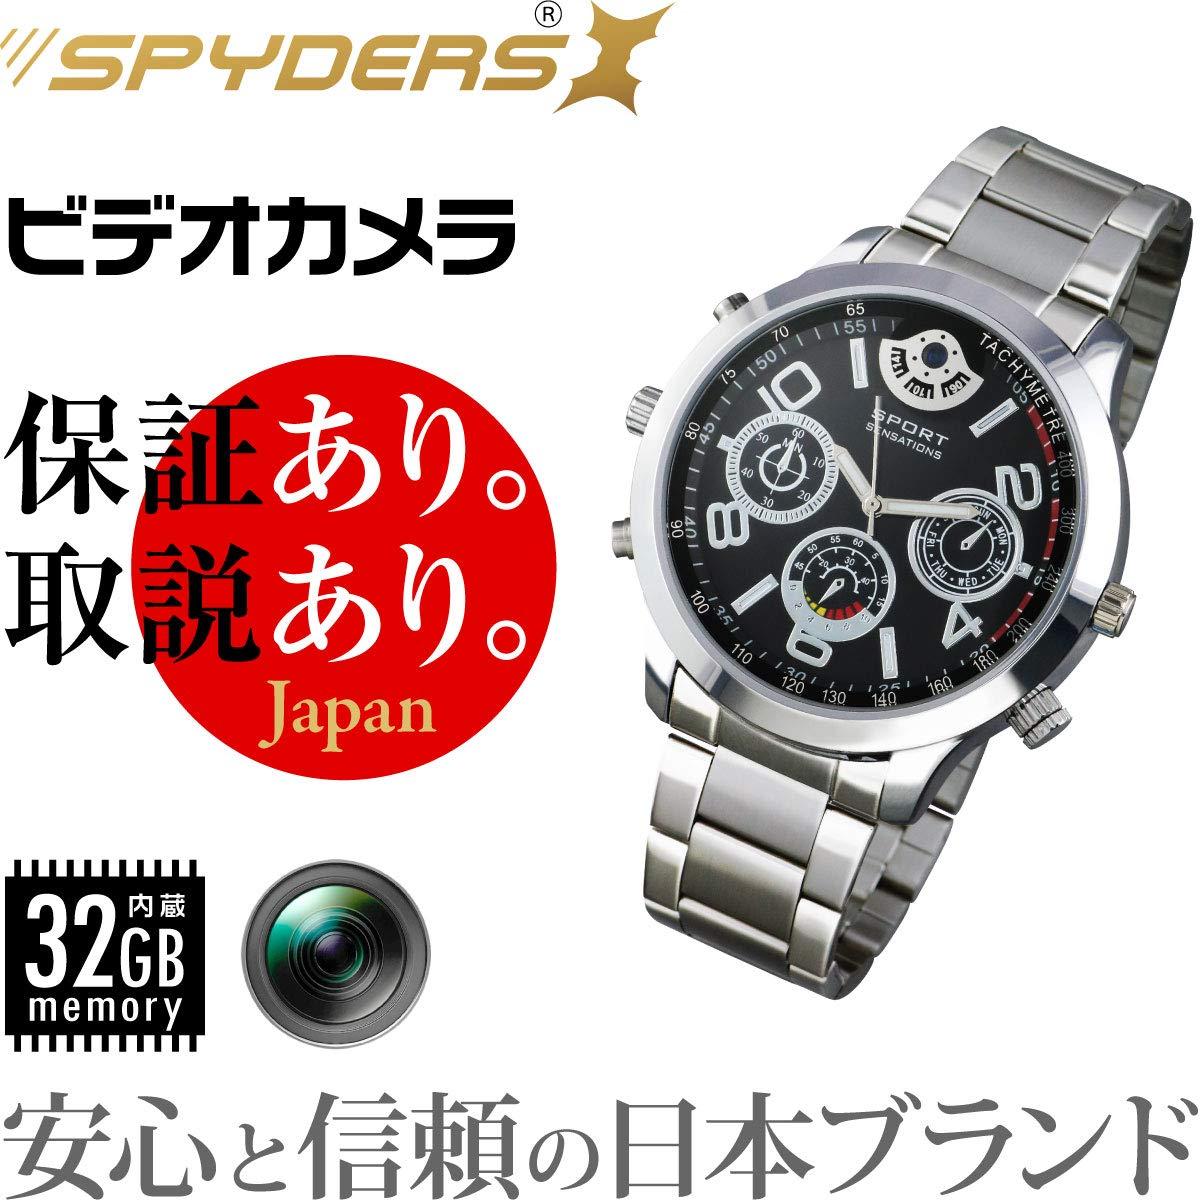 最も優遇の スパイダーズX 腕時計型カメラ(W-706) B06X9G7CH5 B06X9G7CH5, 台東区:3b1c0827 --- ballyshannonshow.com